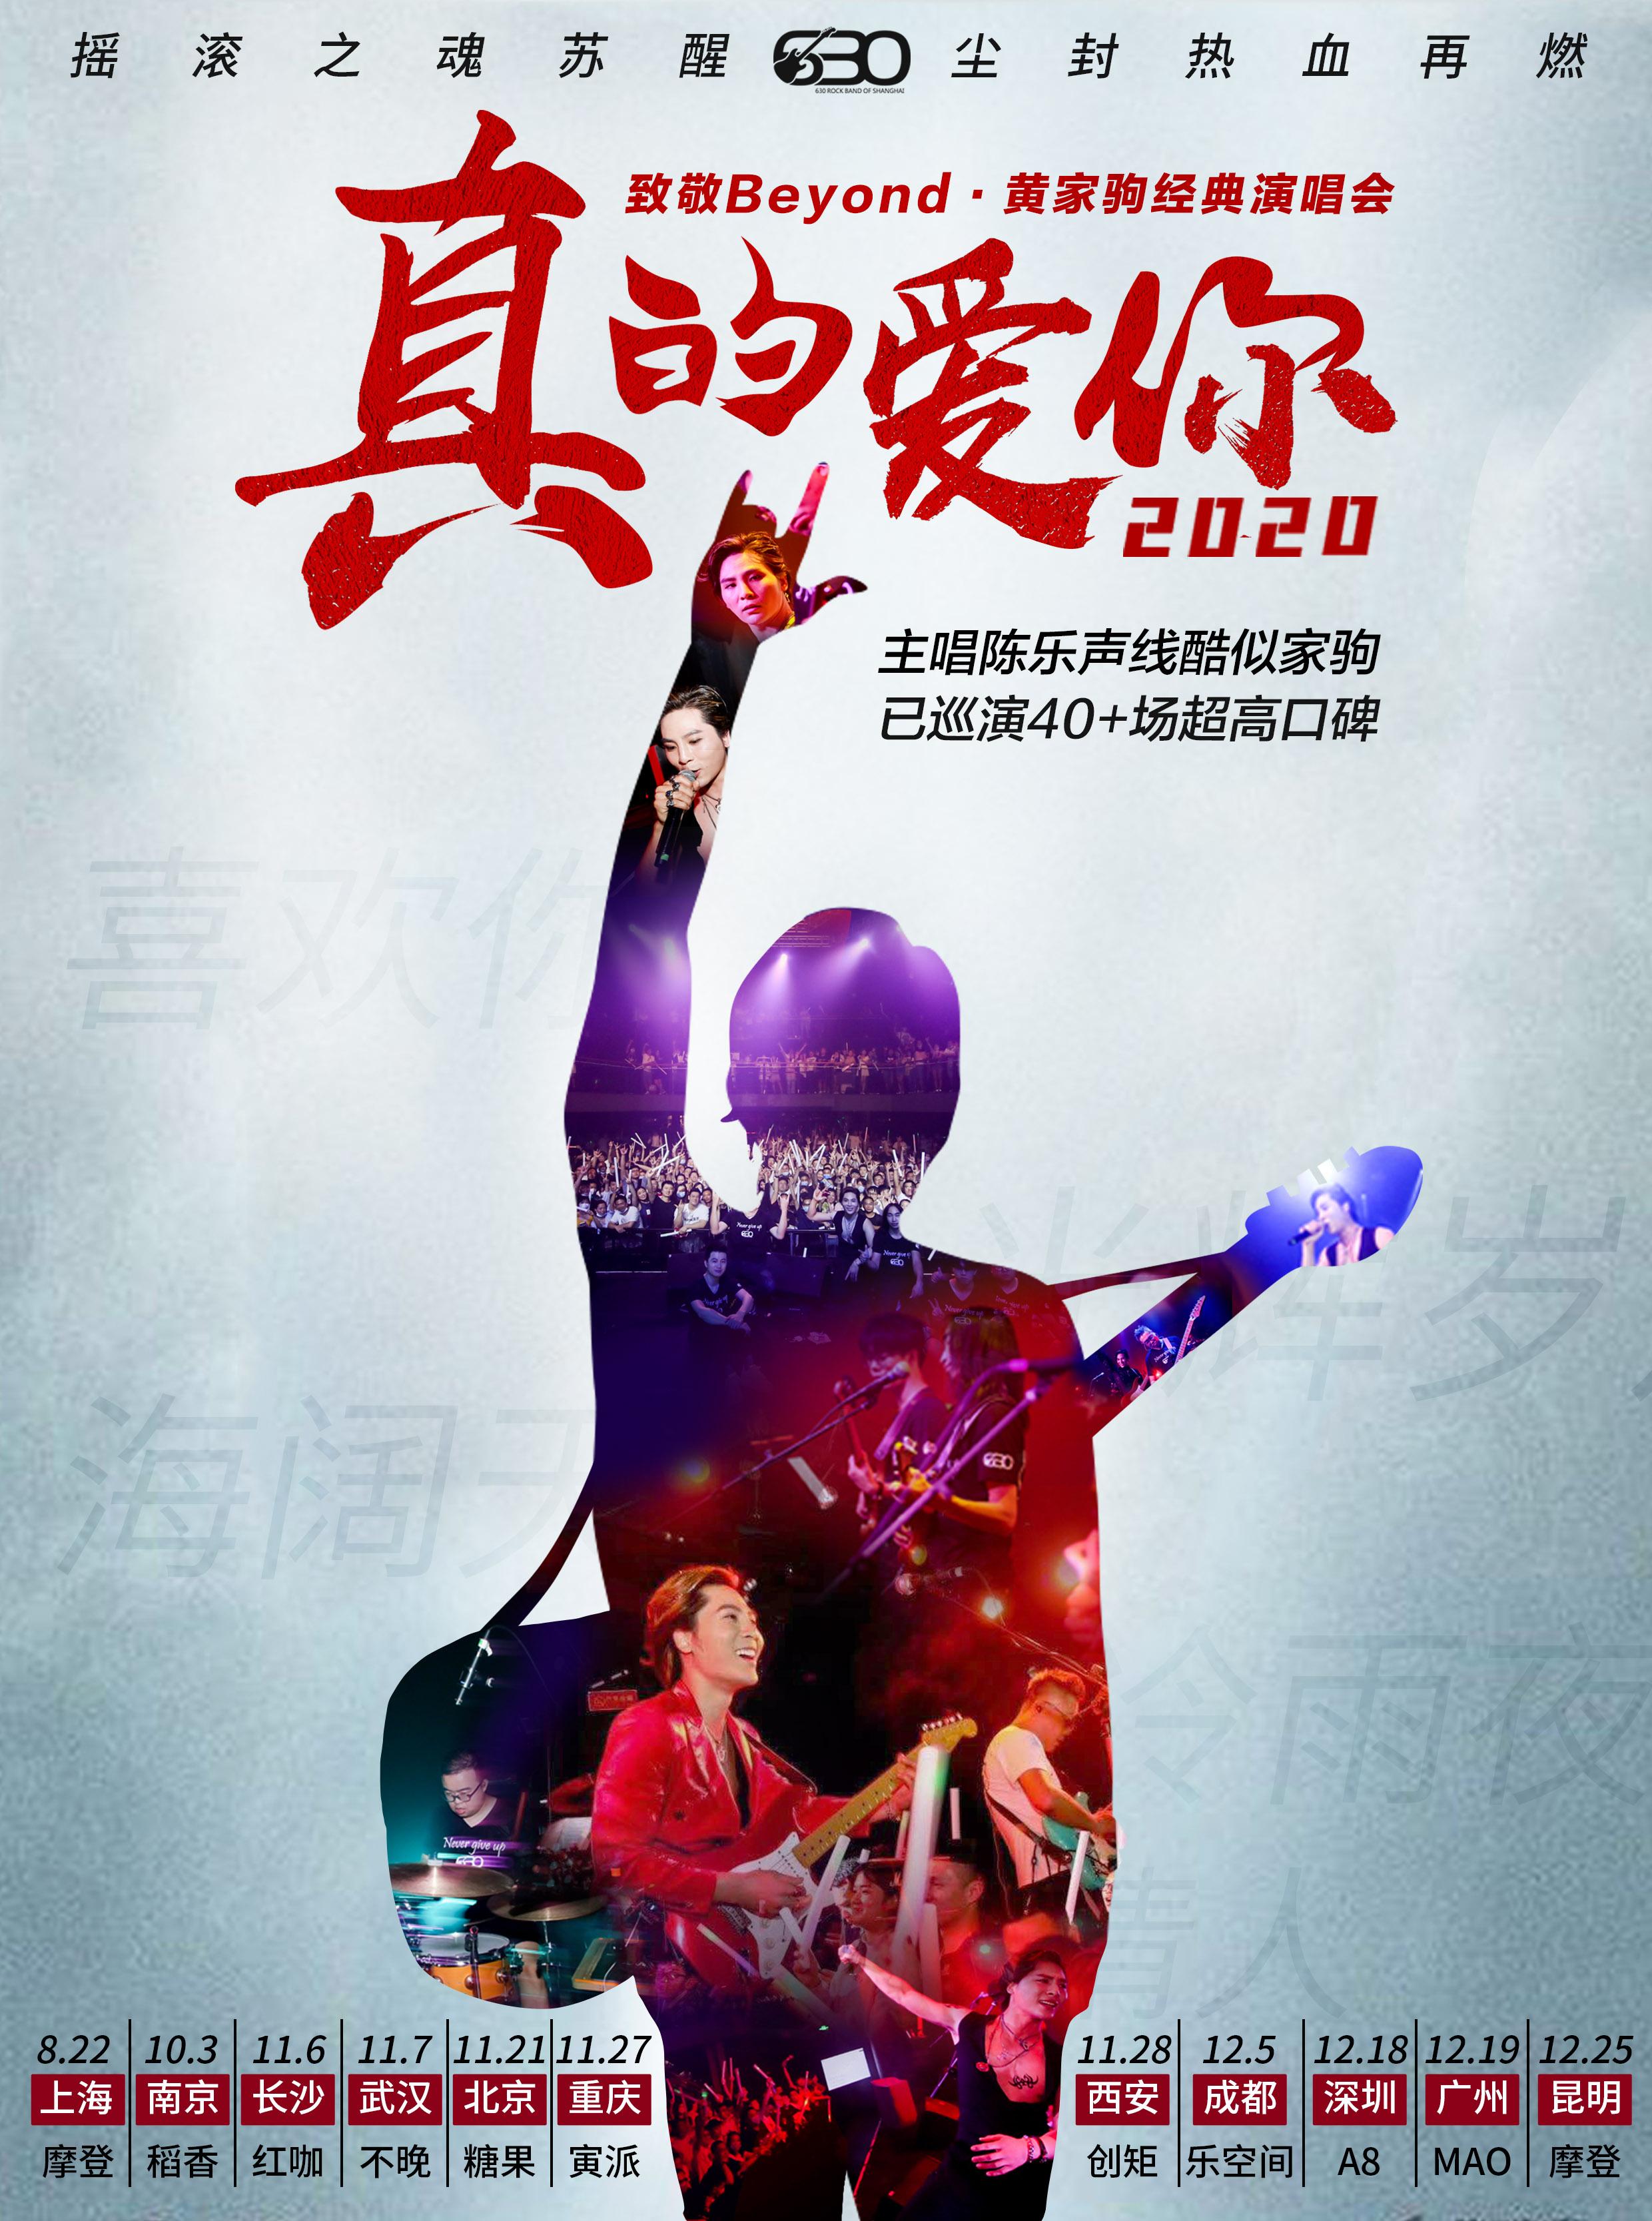 【南京】真的爱你-致敬BEYOND·黄家驹演唱会南京站